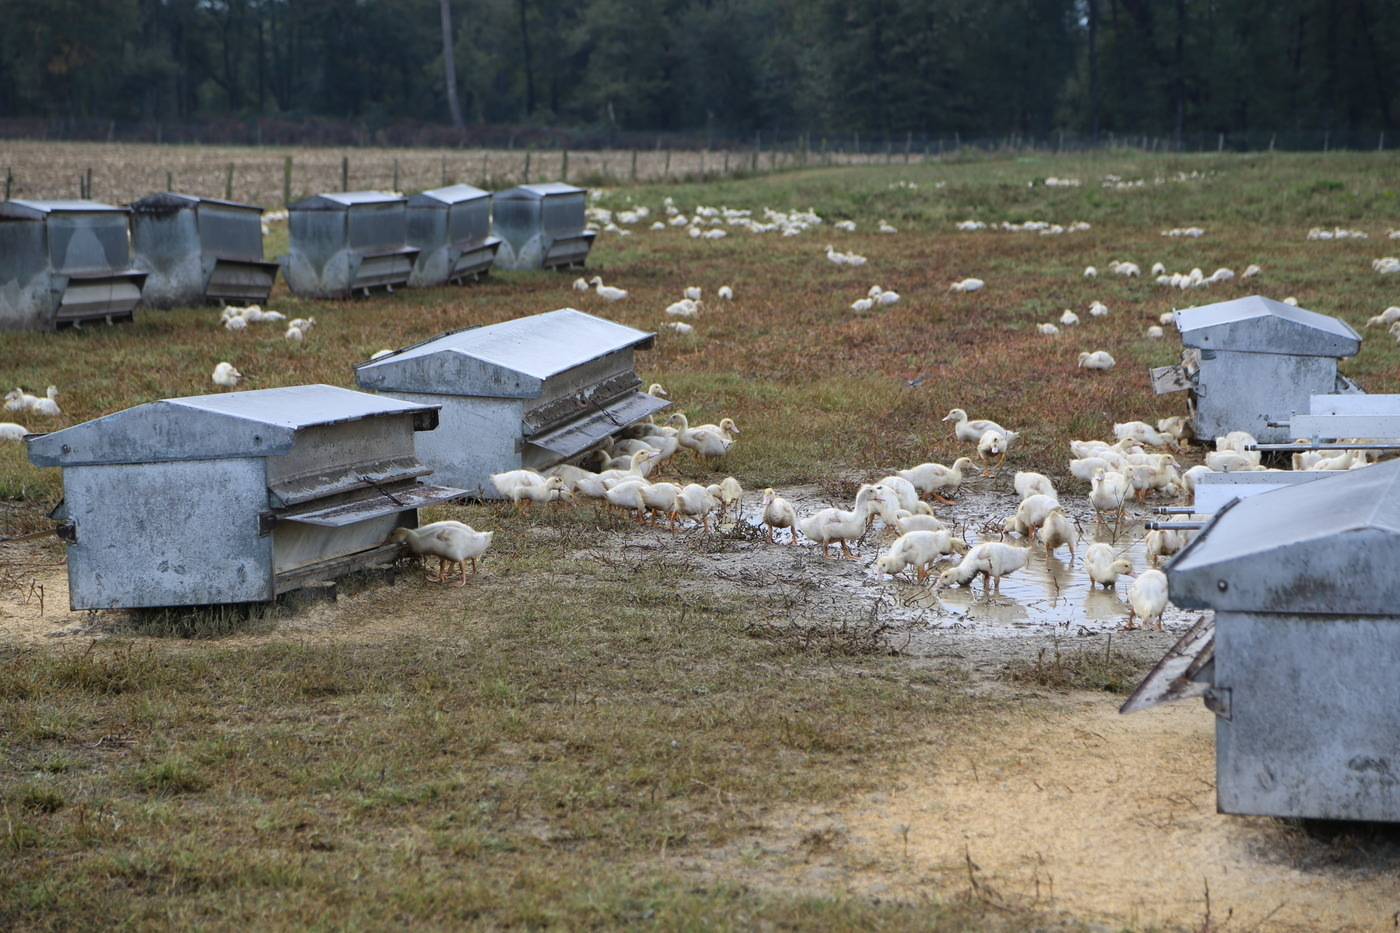 Jeunes canards en élevage, avant le gavage.